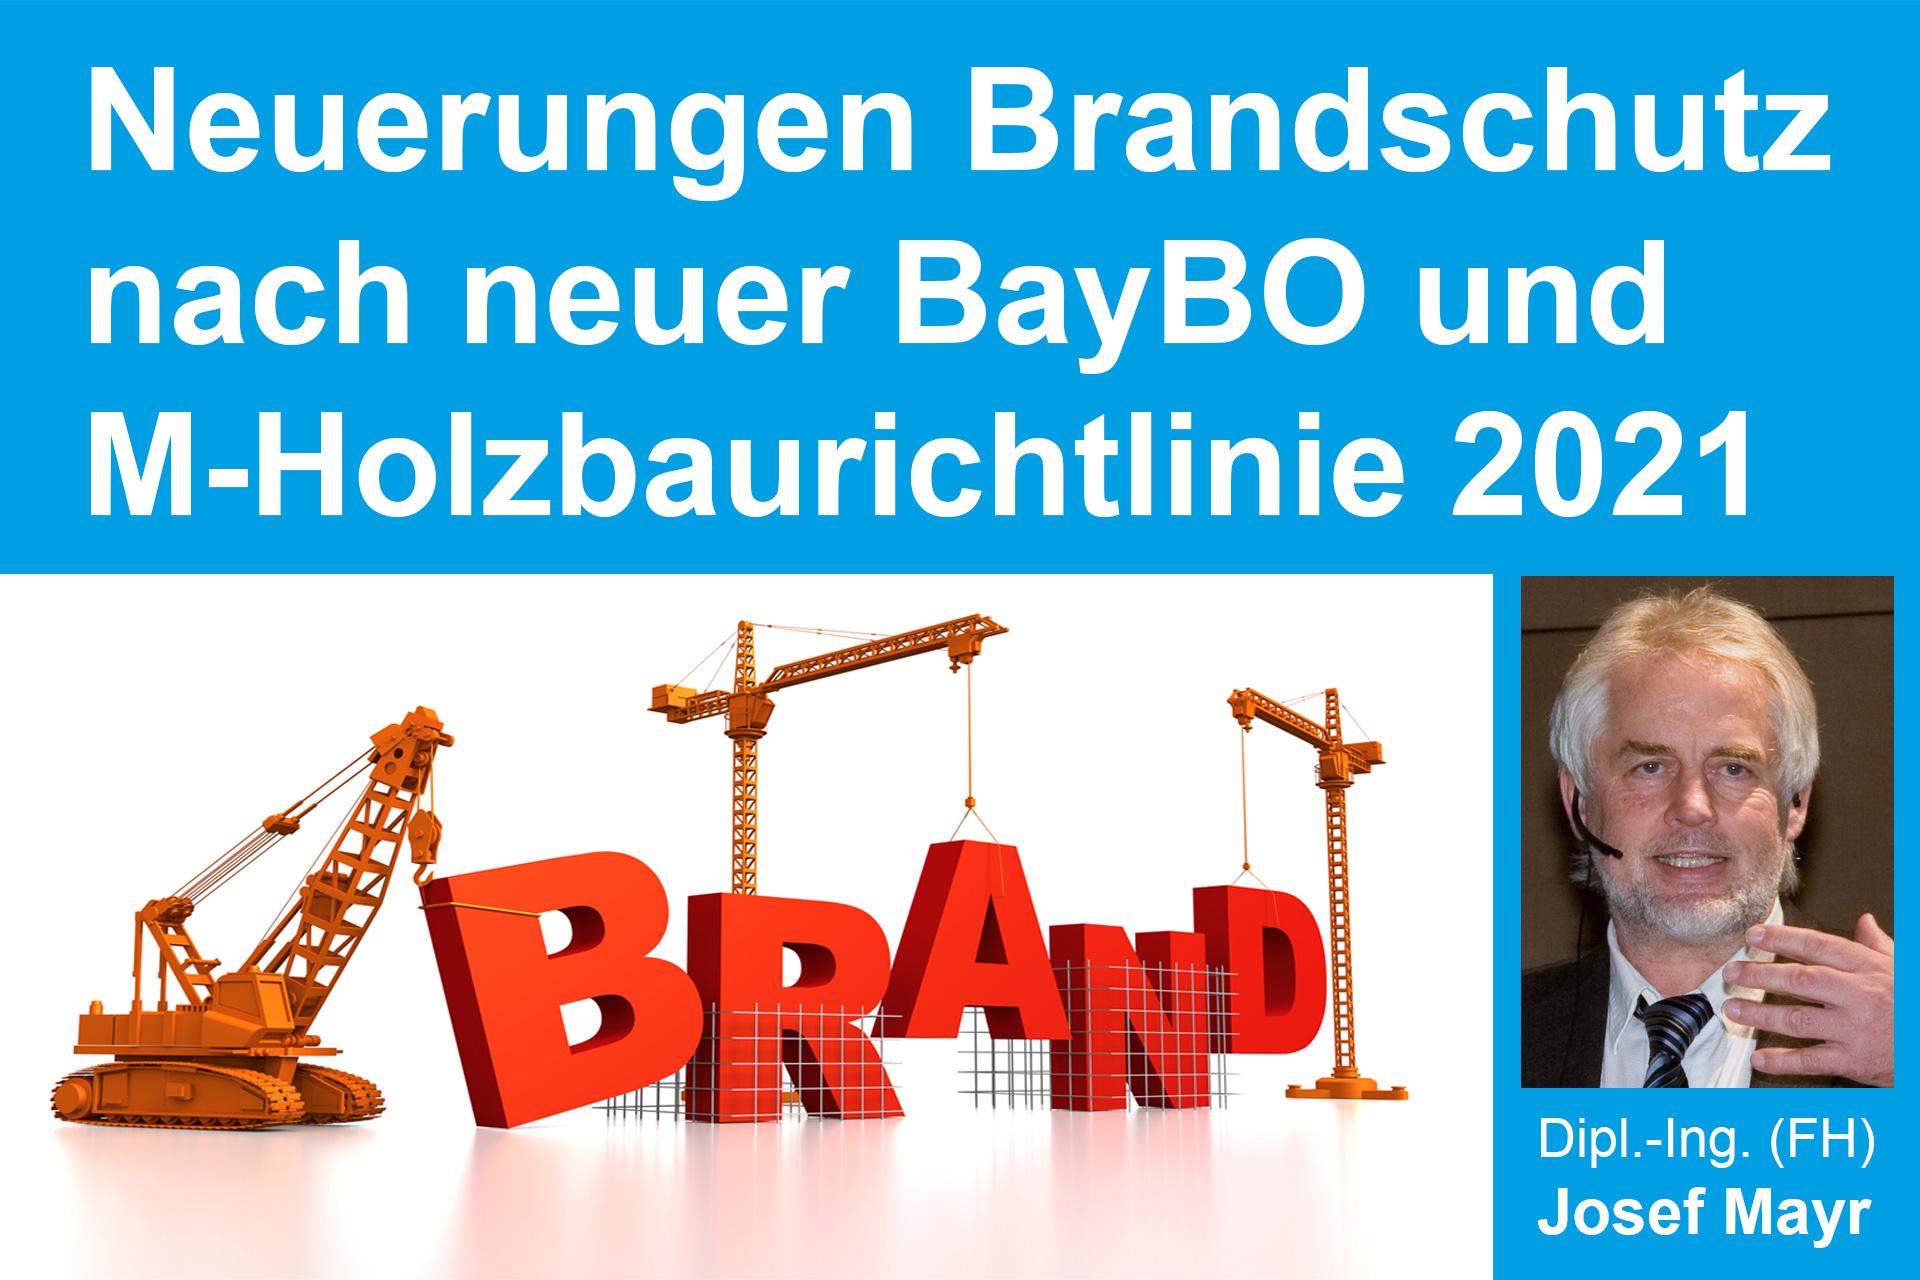 Neuerungen im Brandschutz nach neuer BayBO und M-Holzbaurichtlinie 2021 (Online-Seminar)